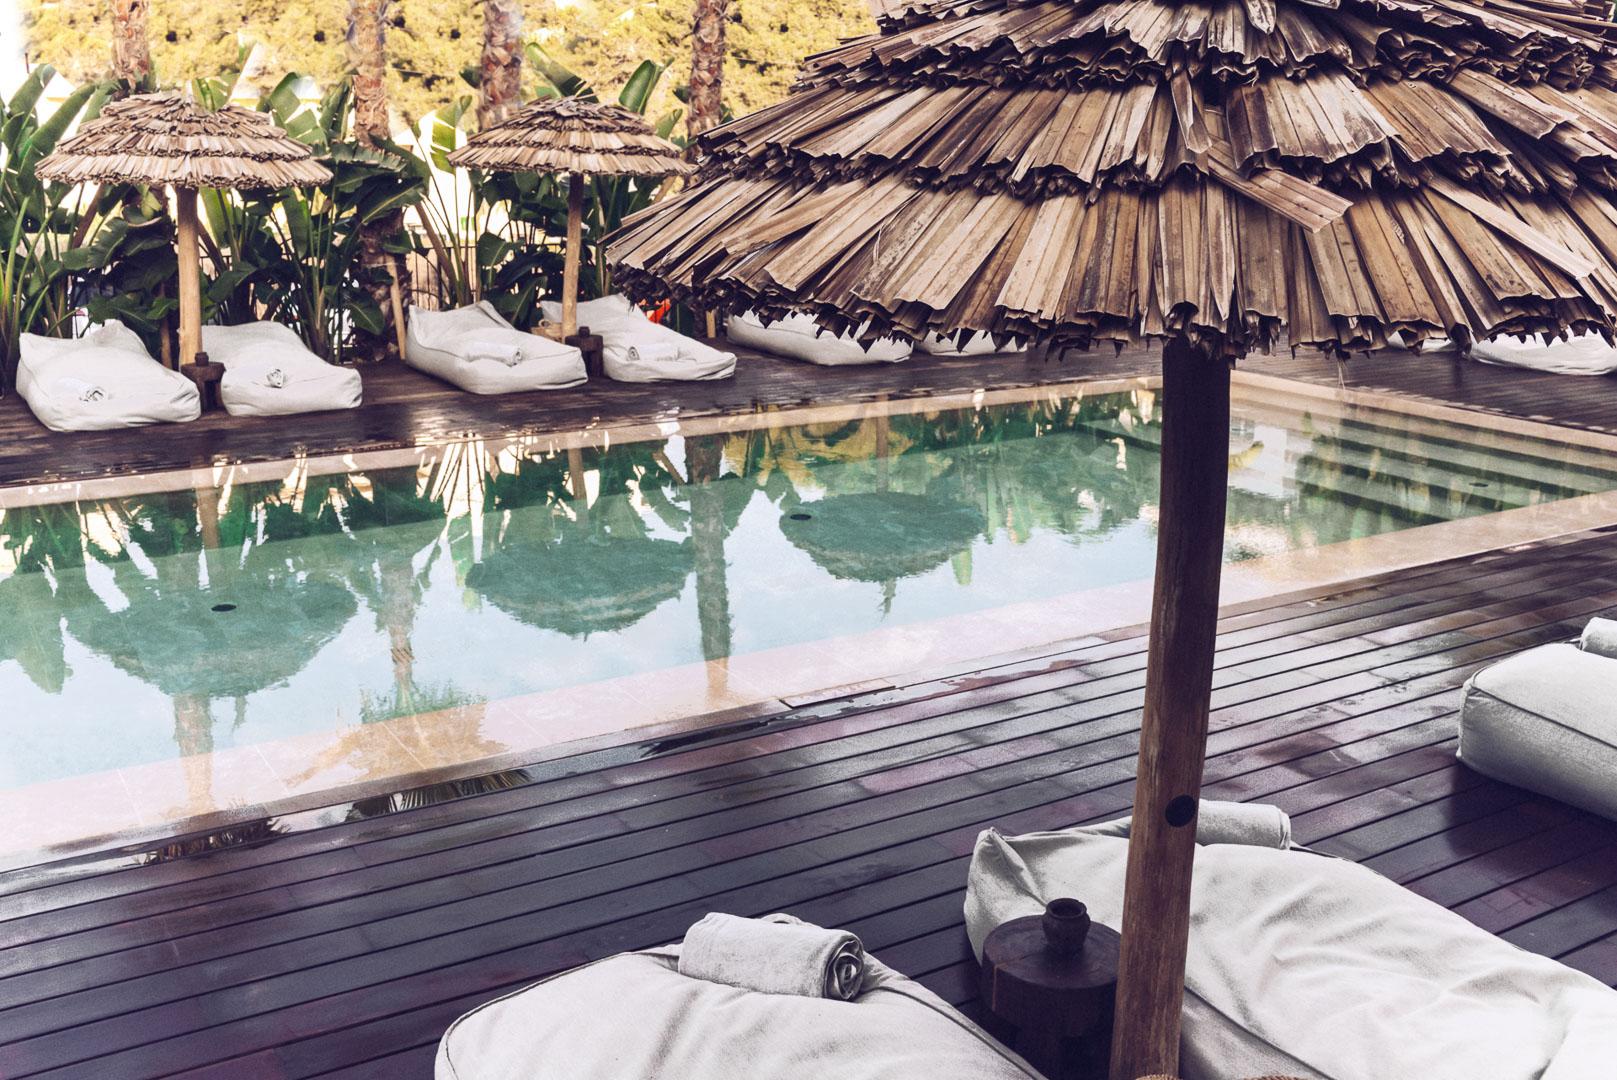 Detalle otografía exterior piscina secundaría al atardecer en hotel casa cook Ibiza